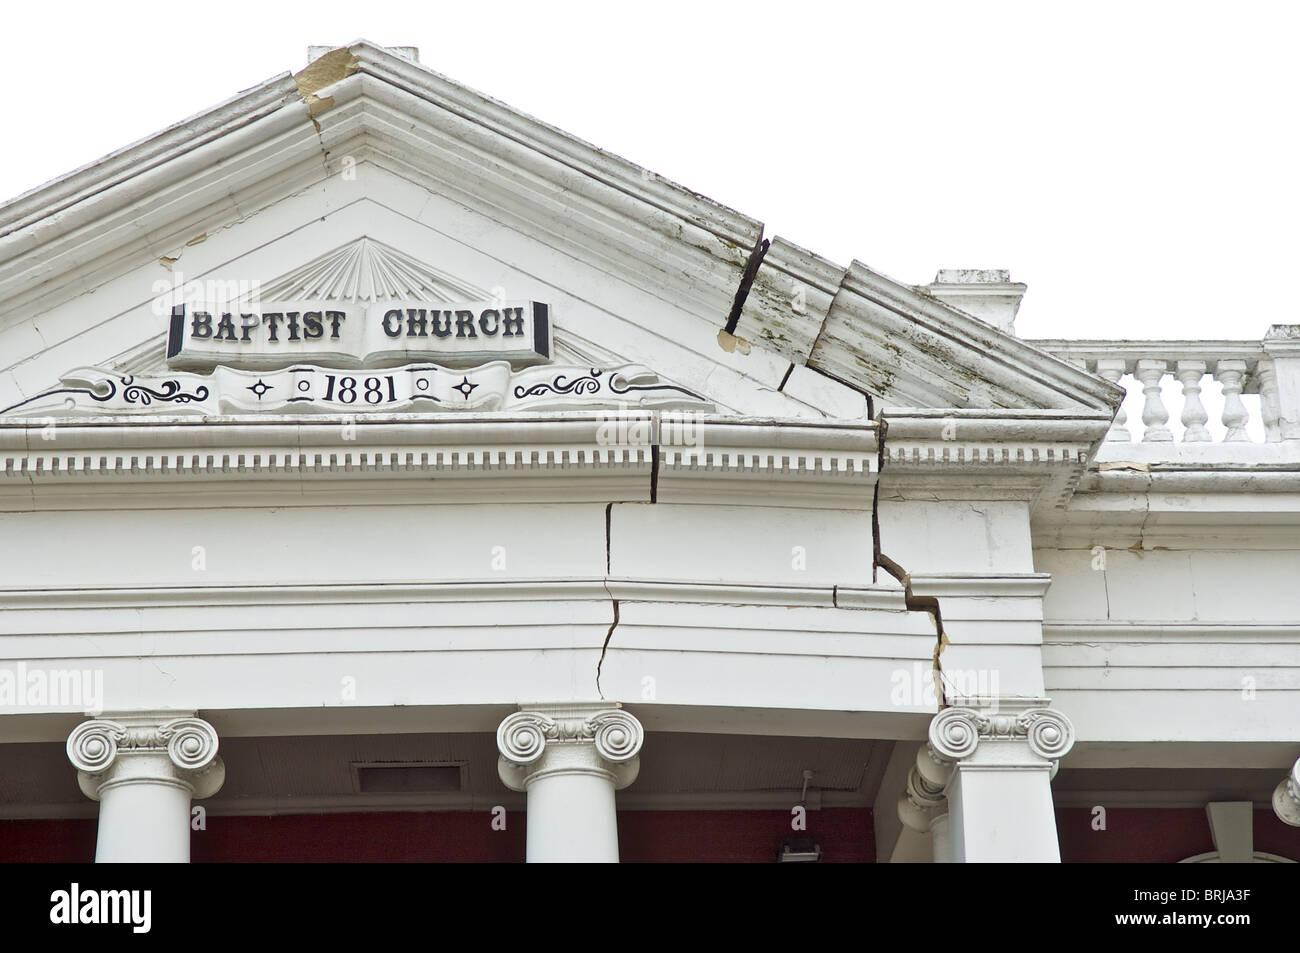 Schäden durch Erdbeben der Stärke 7,1, Christchurch, New Zealand, 4. September 2010. Stockbild